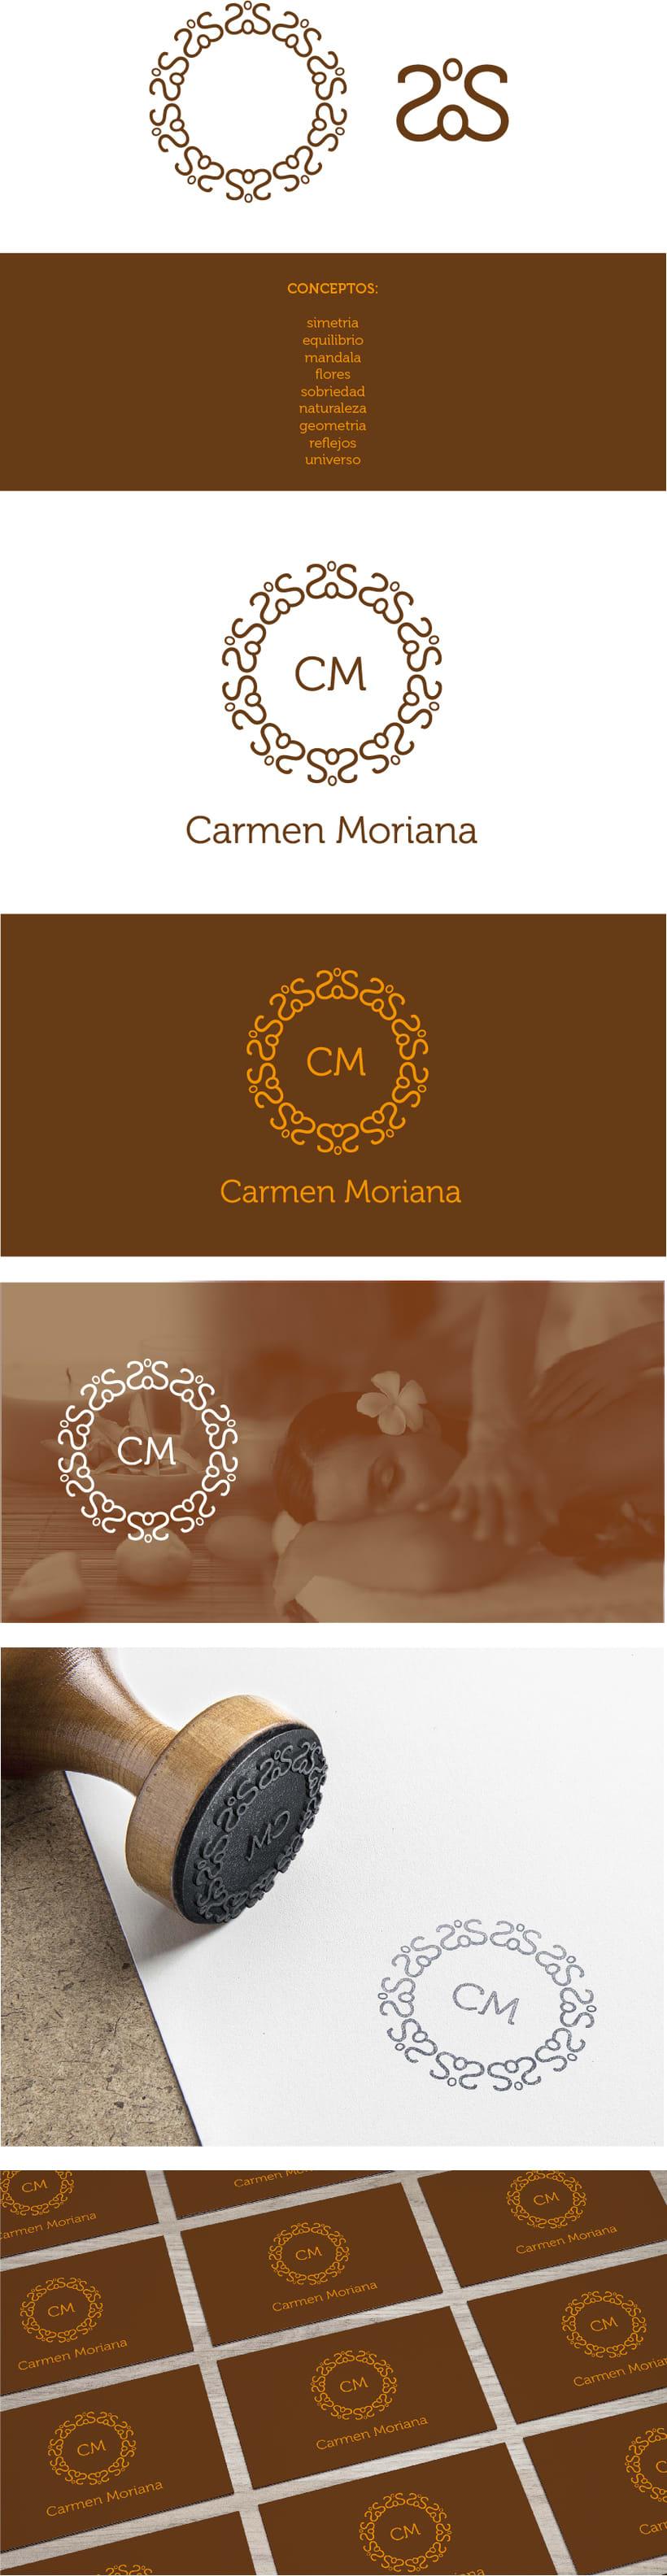 Carmen Moriana 1